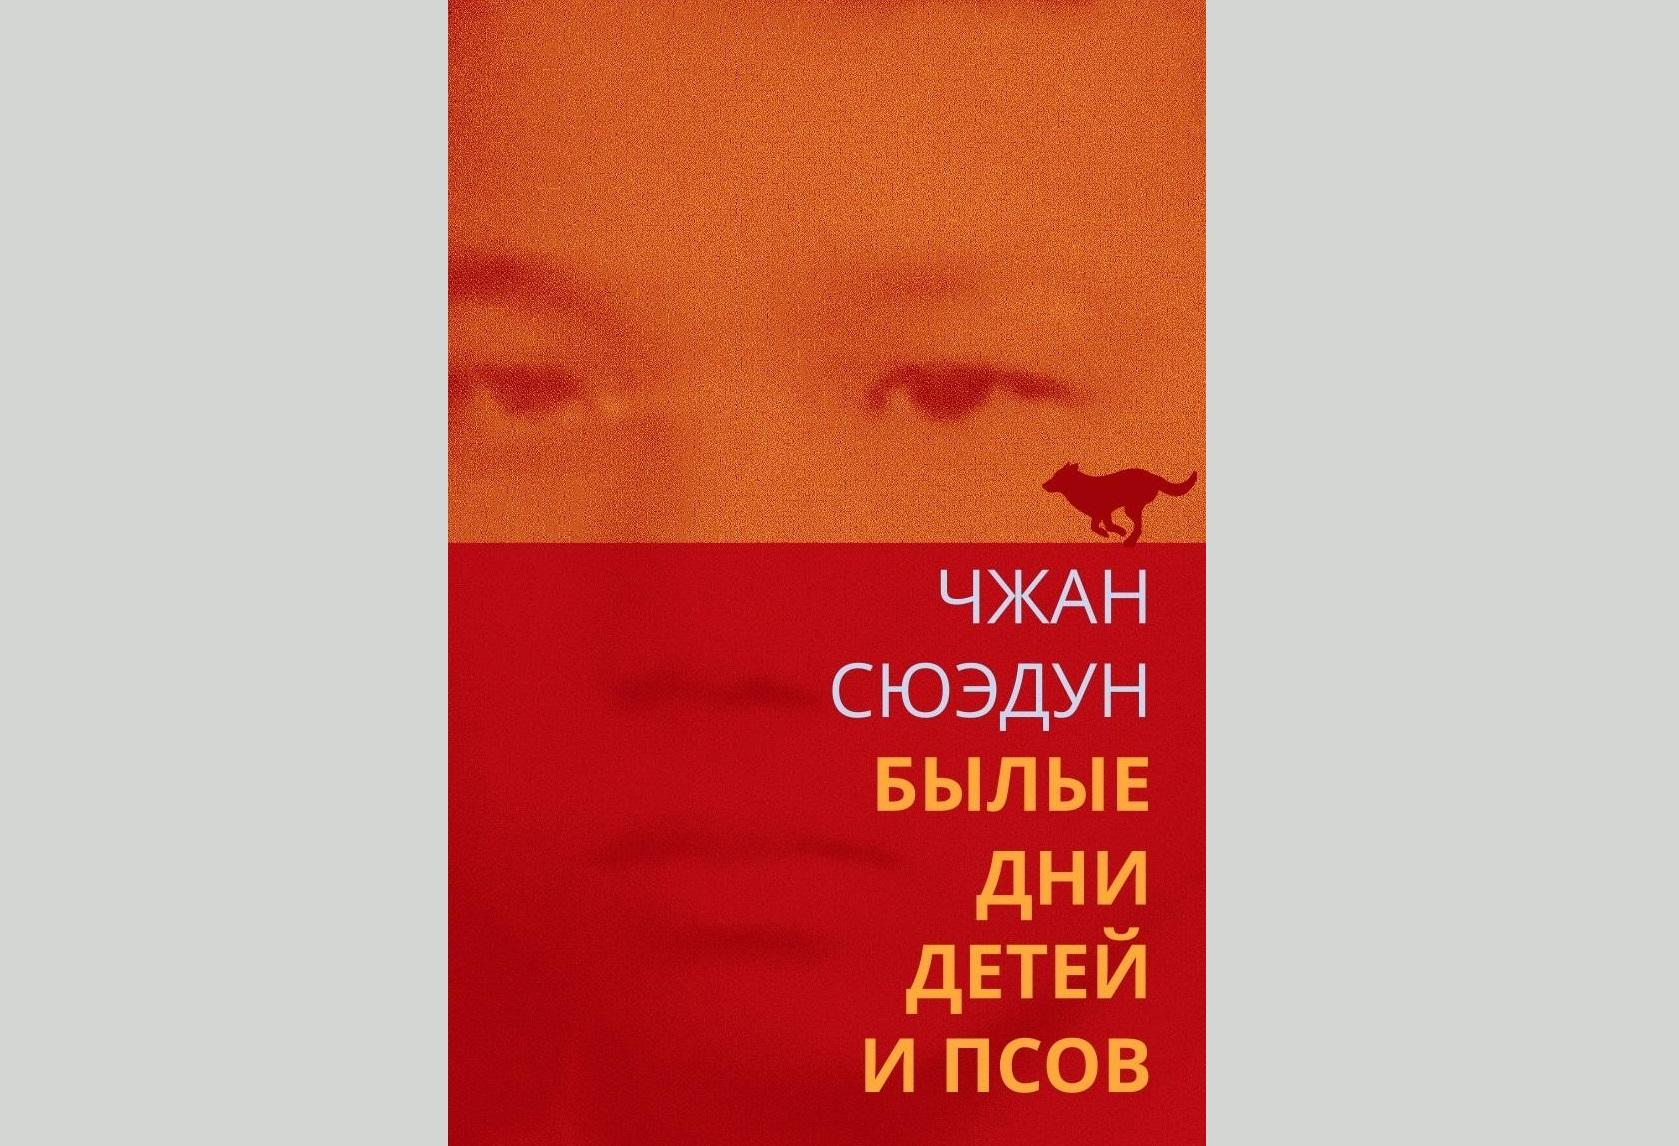 Алексей Родионов – о книге «Былые дни детей и псов» Чжана Сюэдуна